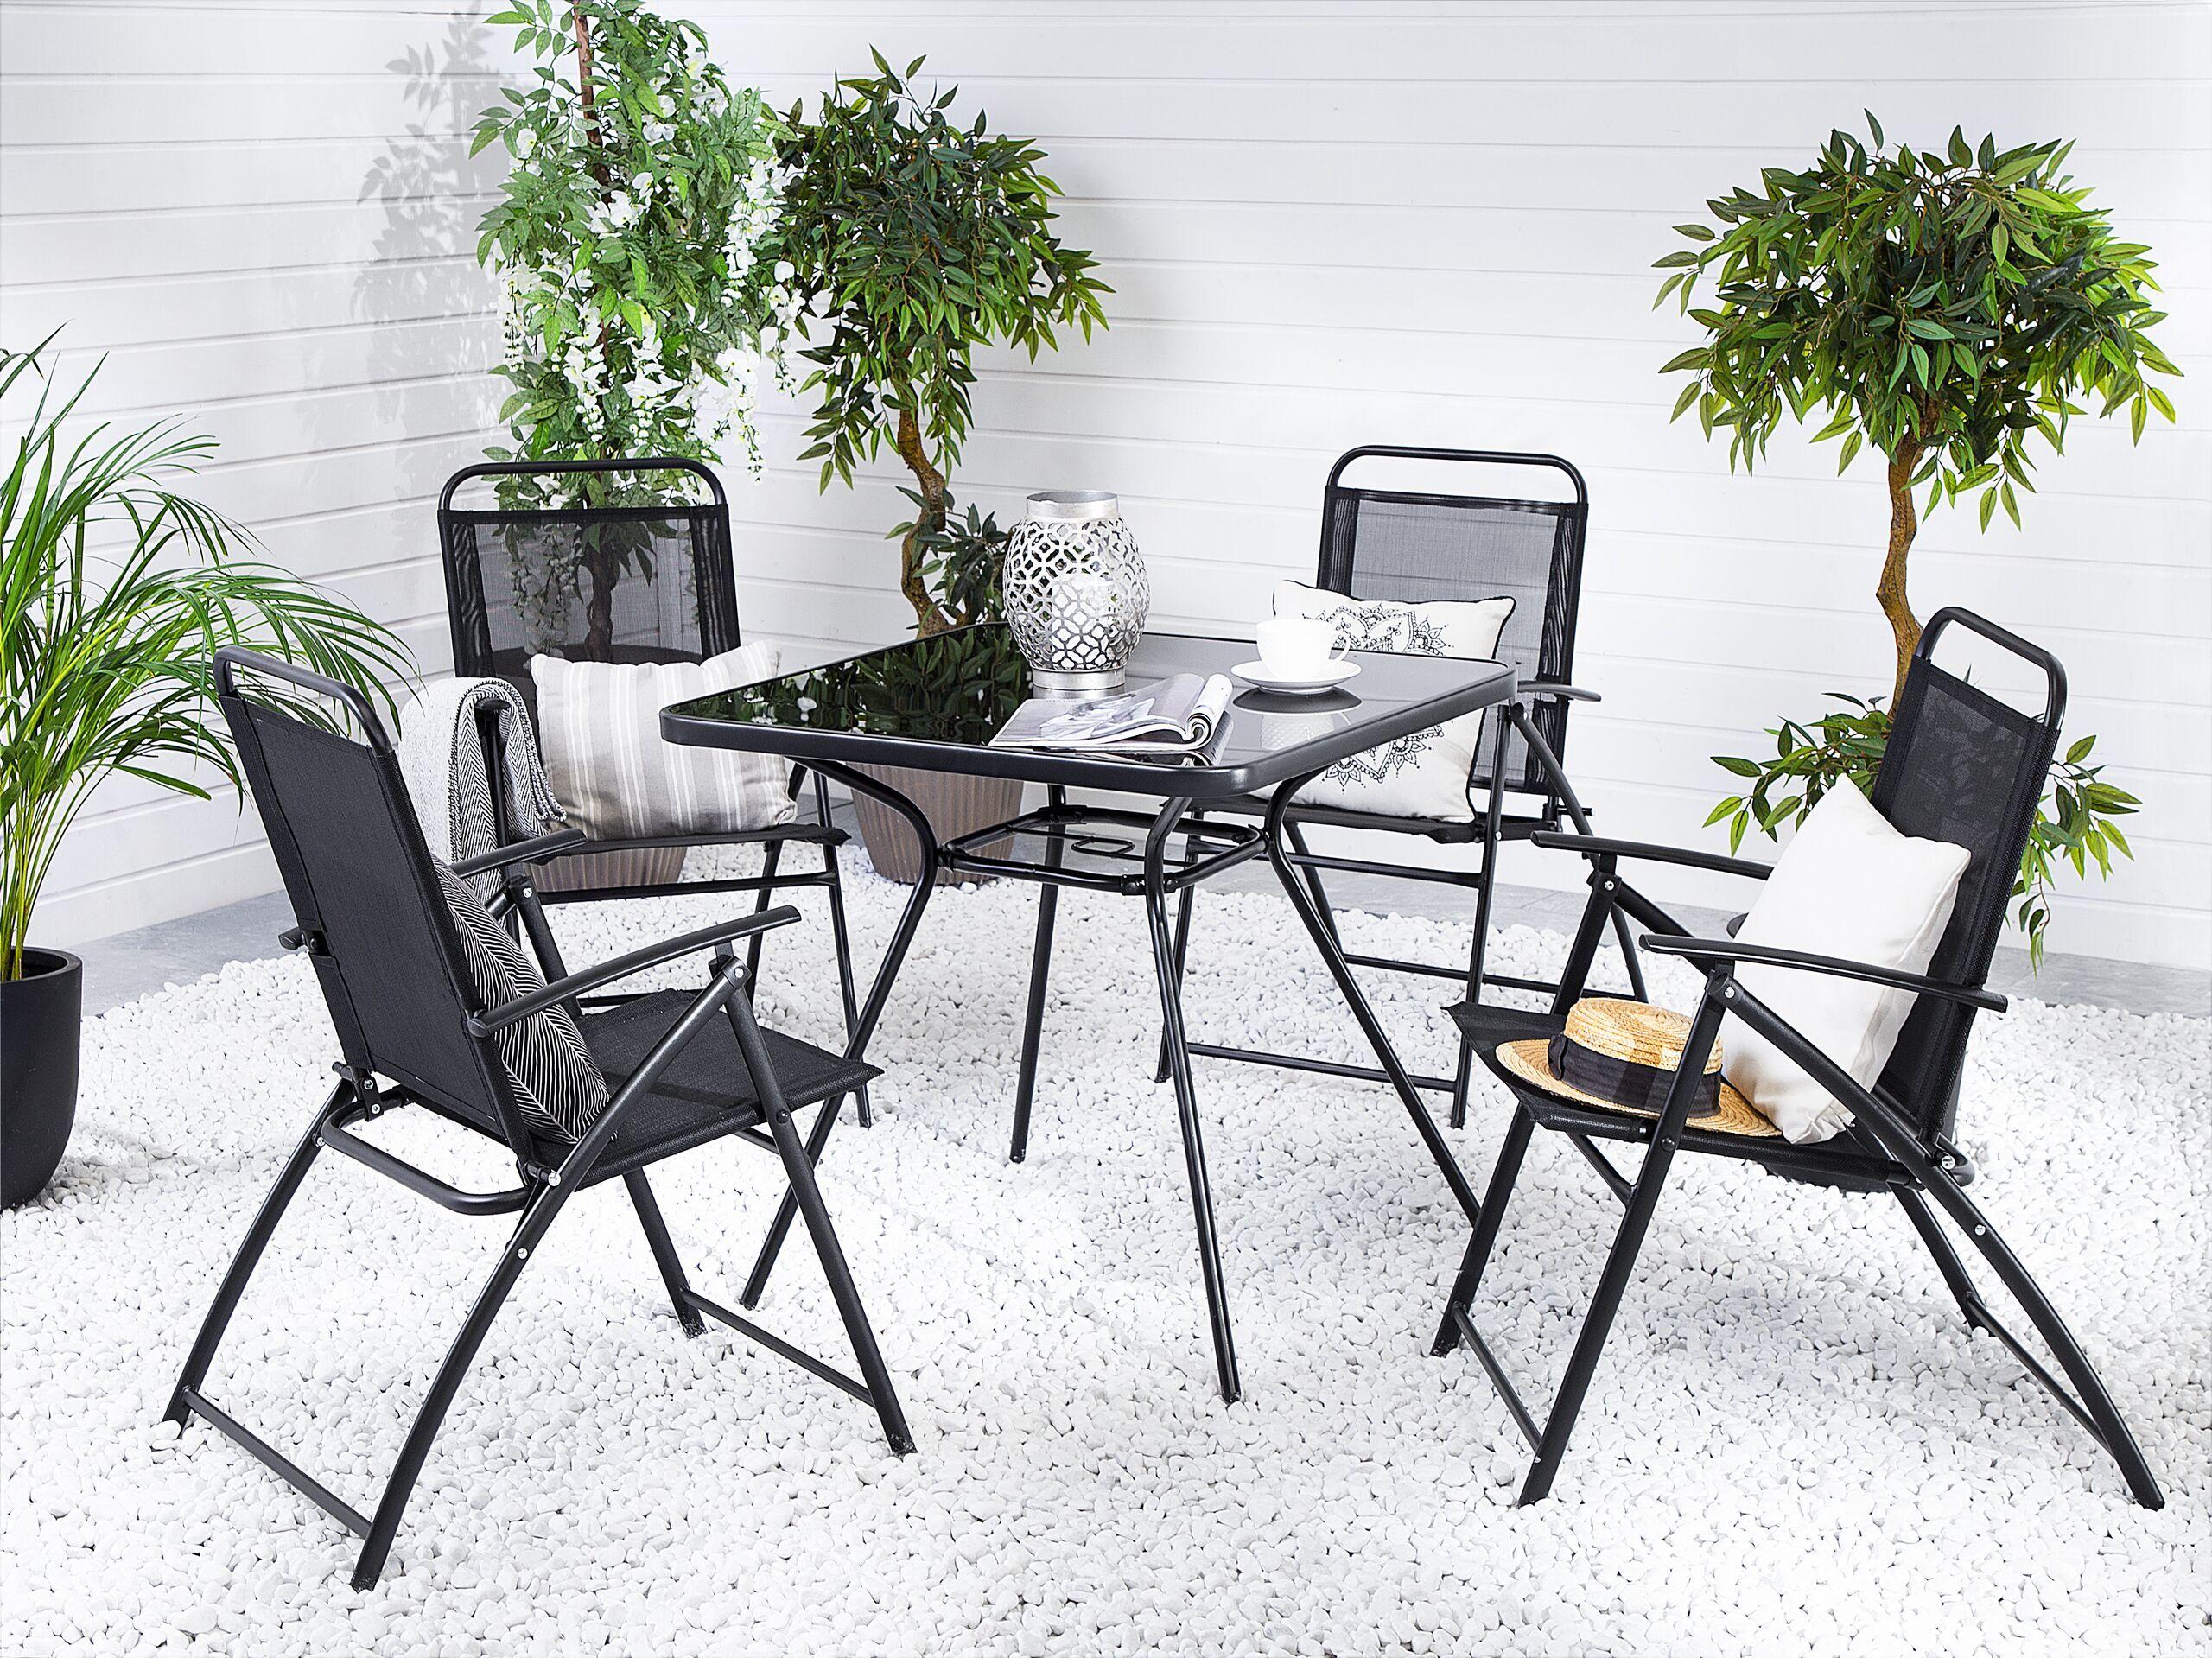 beliani tavolo da giardino vetro temperato nero struttura acciaio 80 x 80 cm